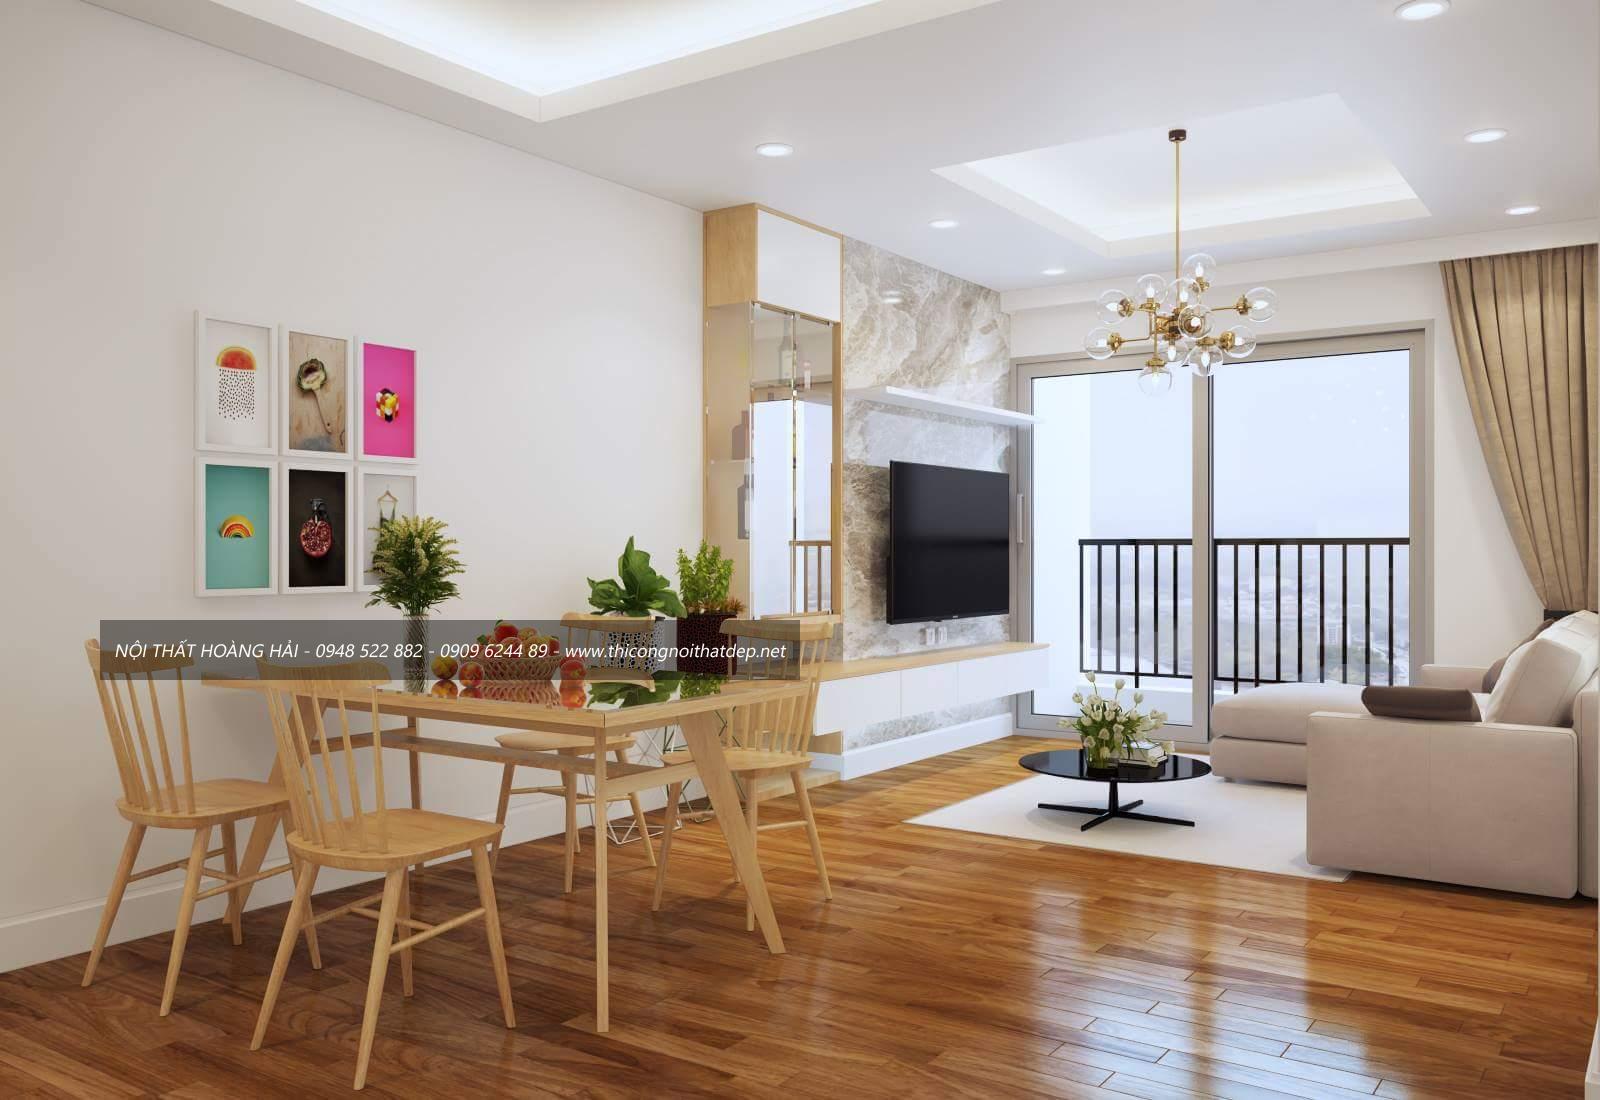 Phong cách nội thất chung cư 3 phòng ngủ mới lạ Thiet_ke_va_thi_cong_noi_that_chung_cu_tron_goi